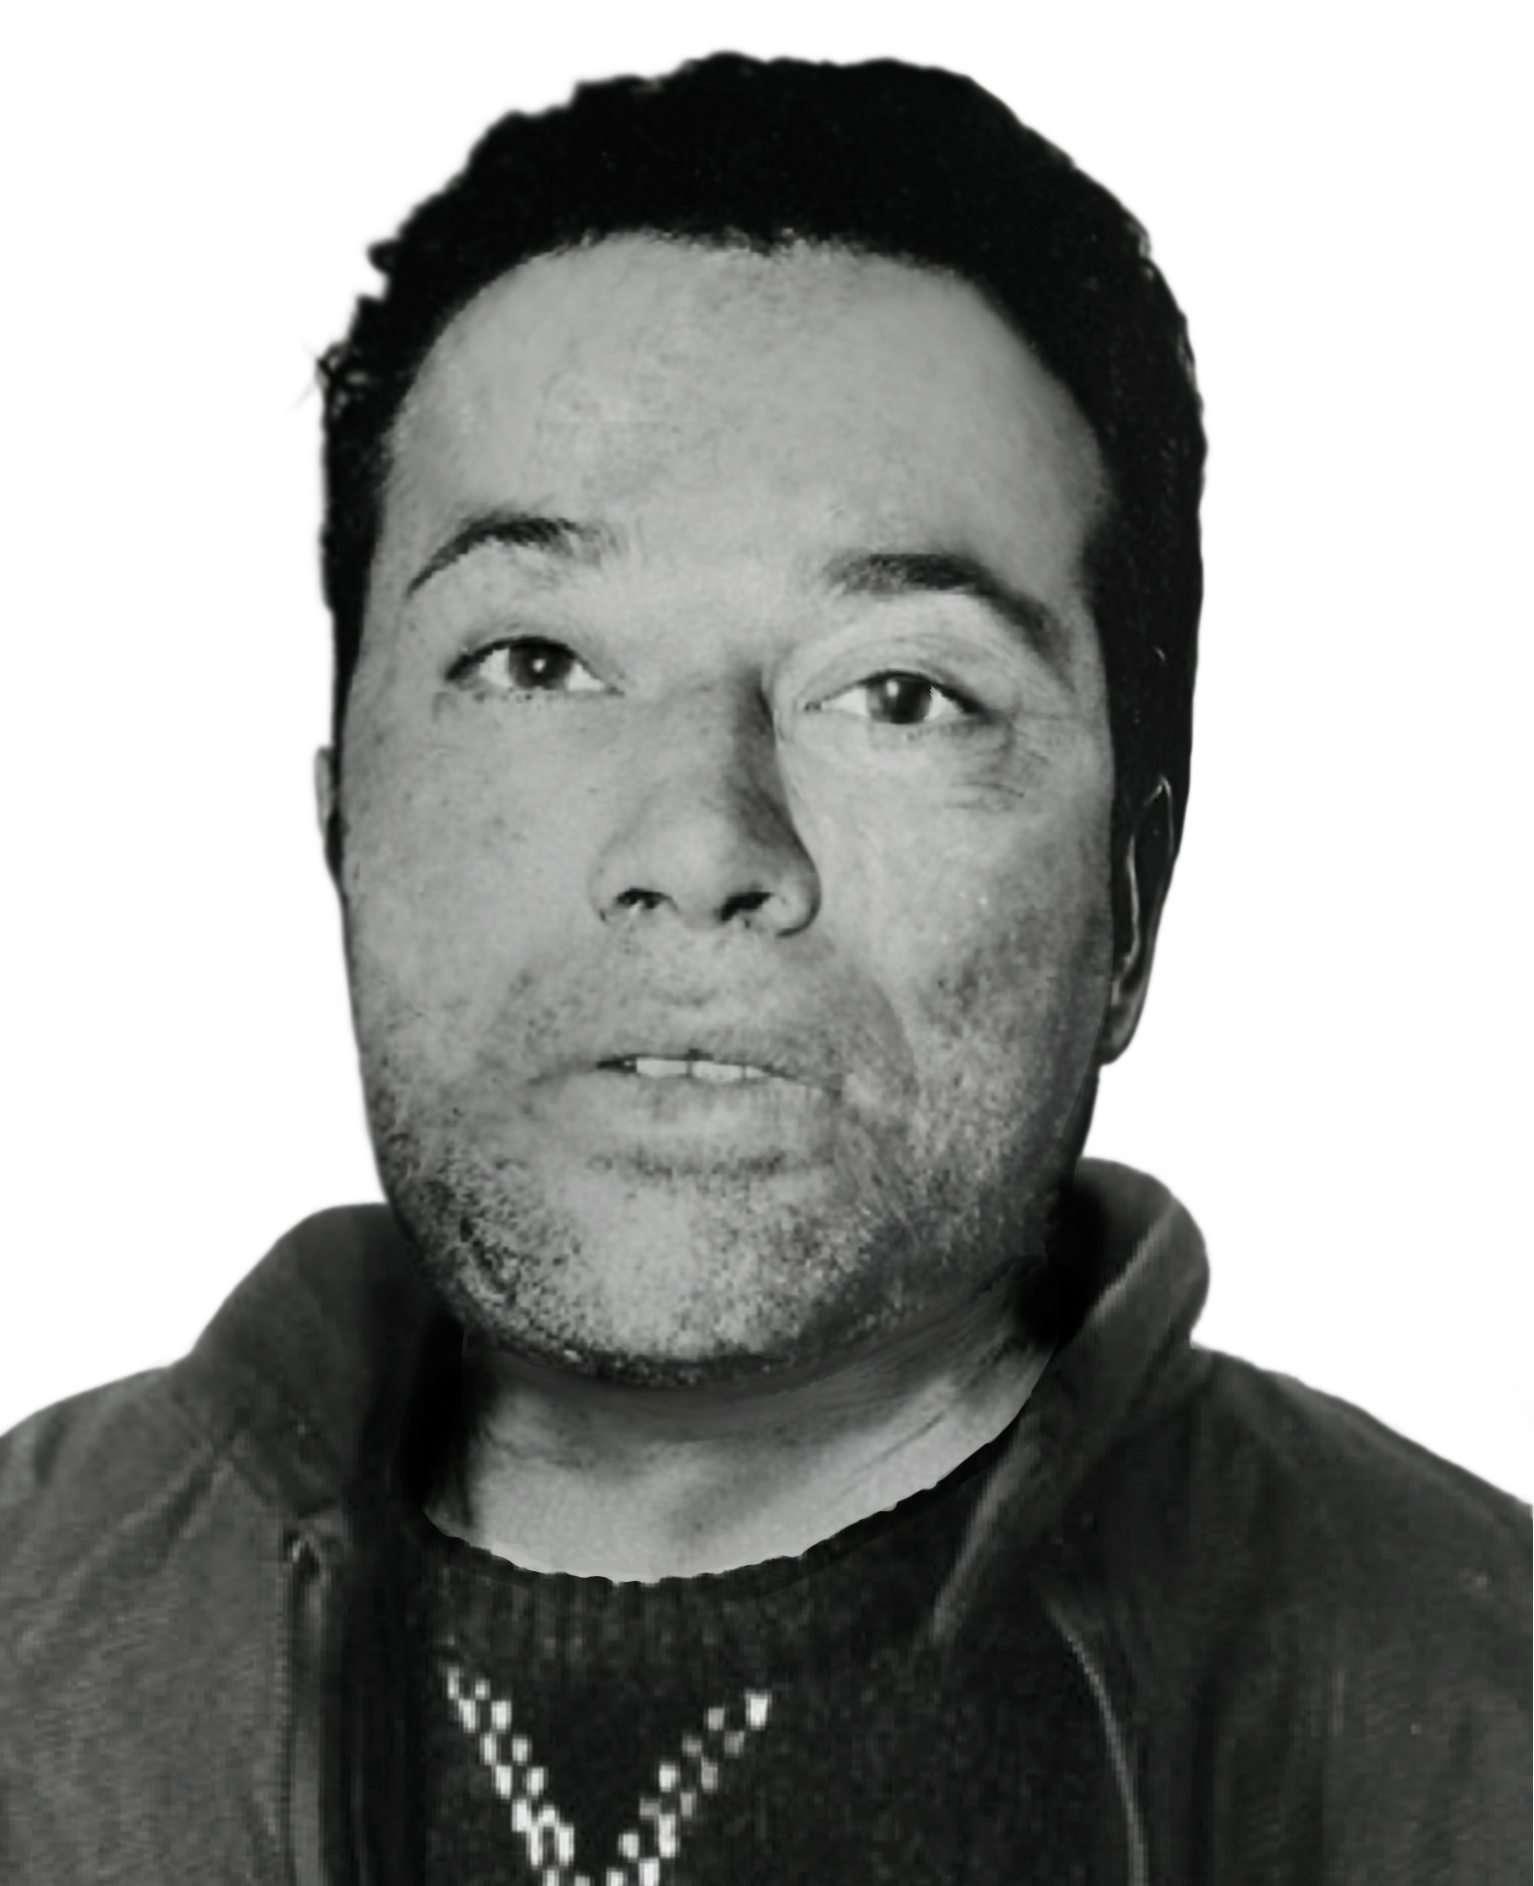 Wer kennt diesen Mann, der 1991 Opfer eines Tötungsdeliktes wurde Hinweise nehmen die Polizeiinspektion Verden/Osterholz unter Telefon 04231/8060 sowie jede andere Polizeidienststelle entgegen.